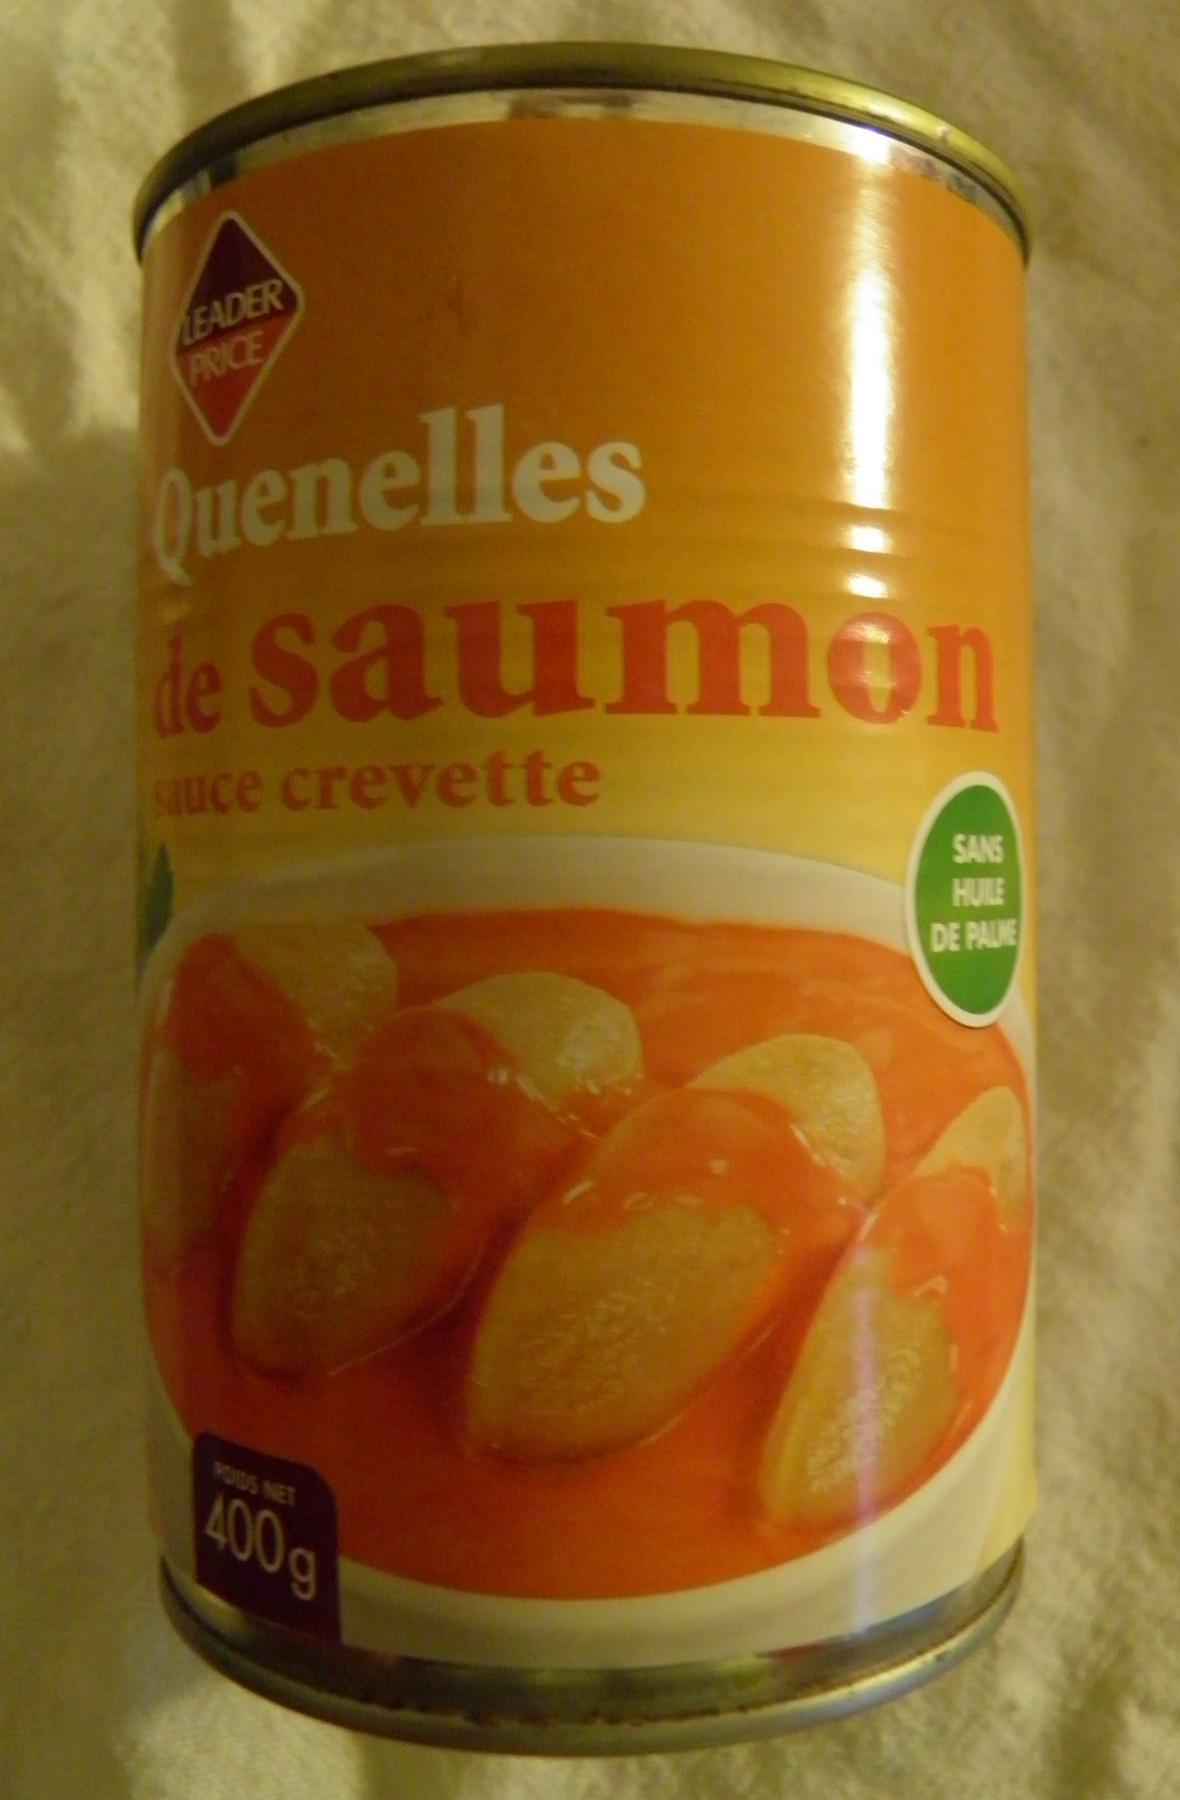 Quenelles de saumon sauce crevette Leader Price - Product - fr